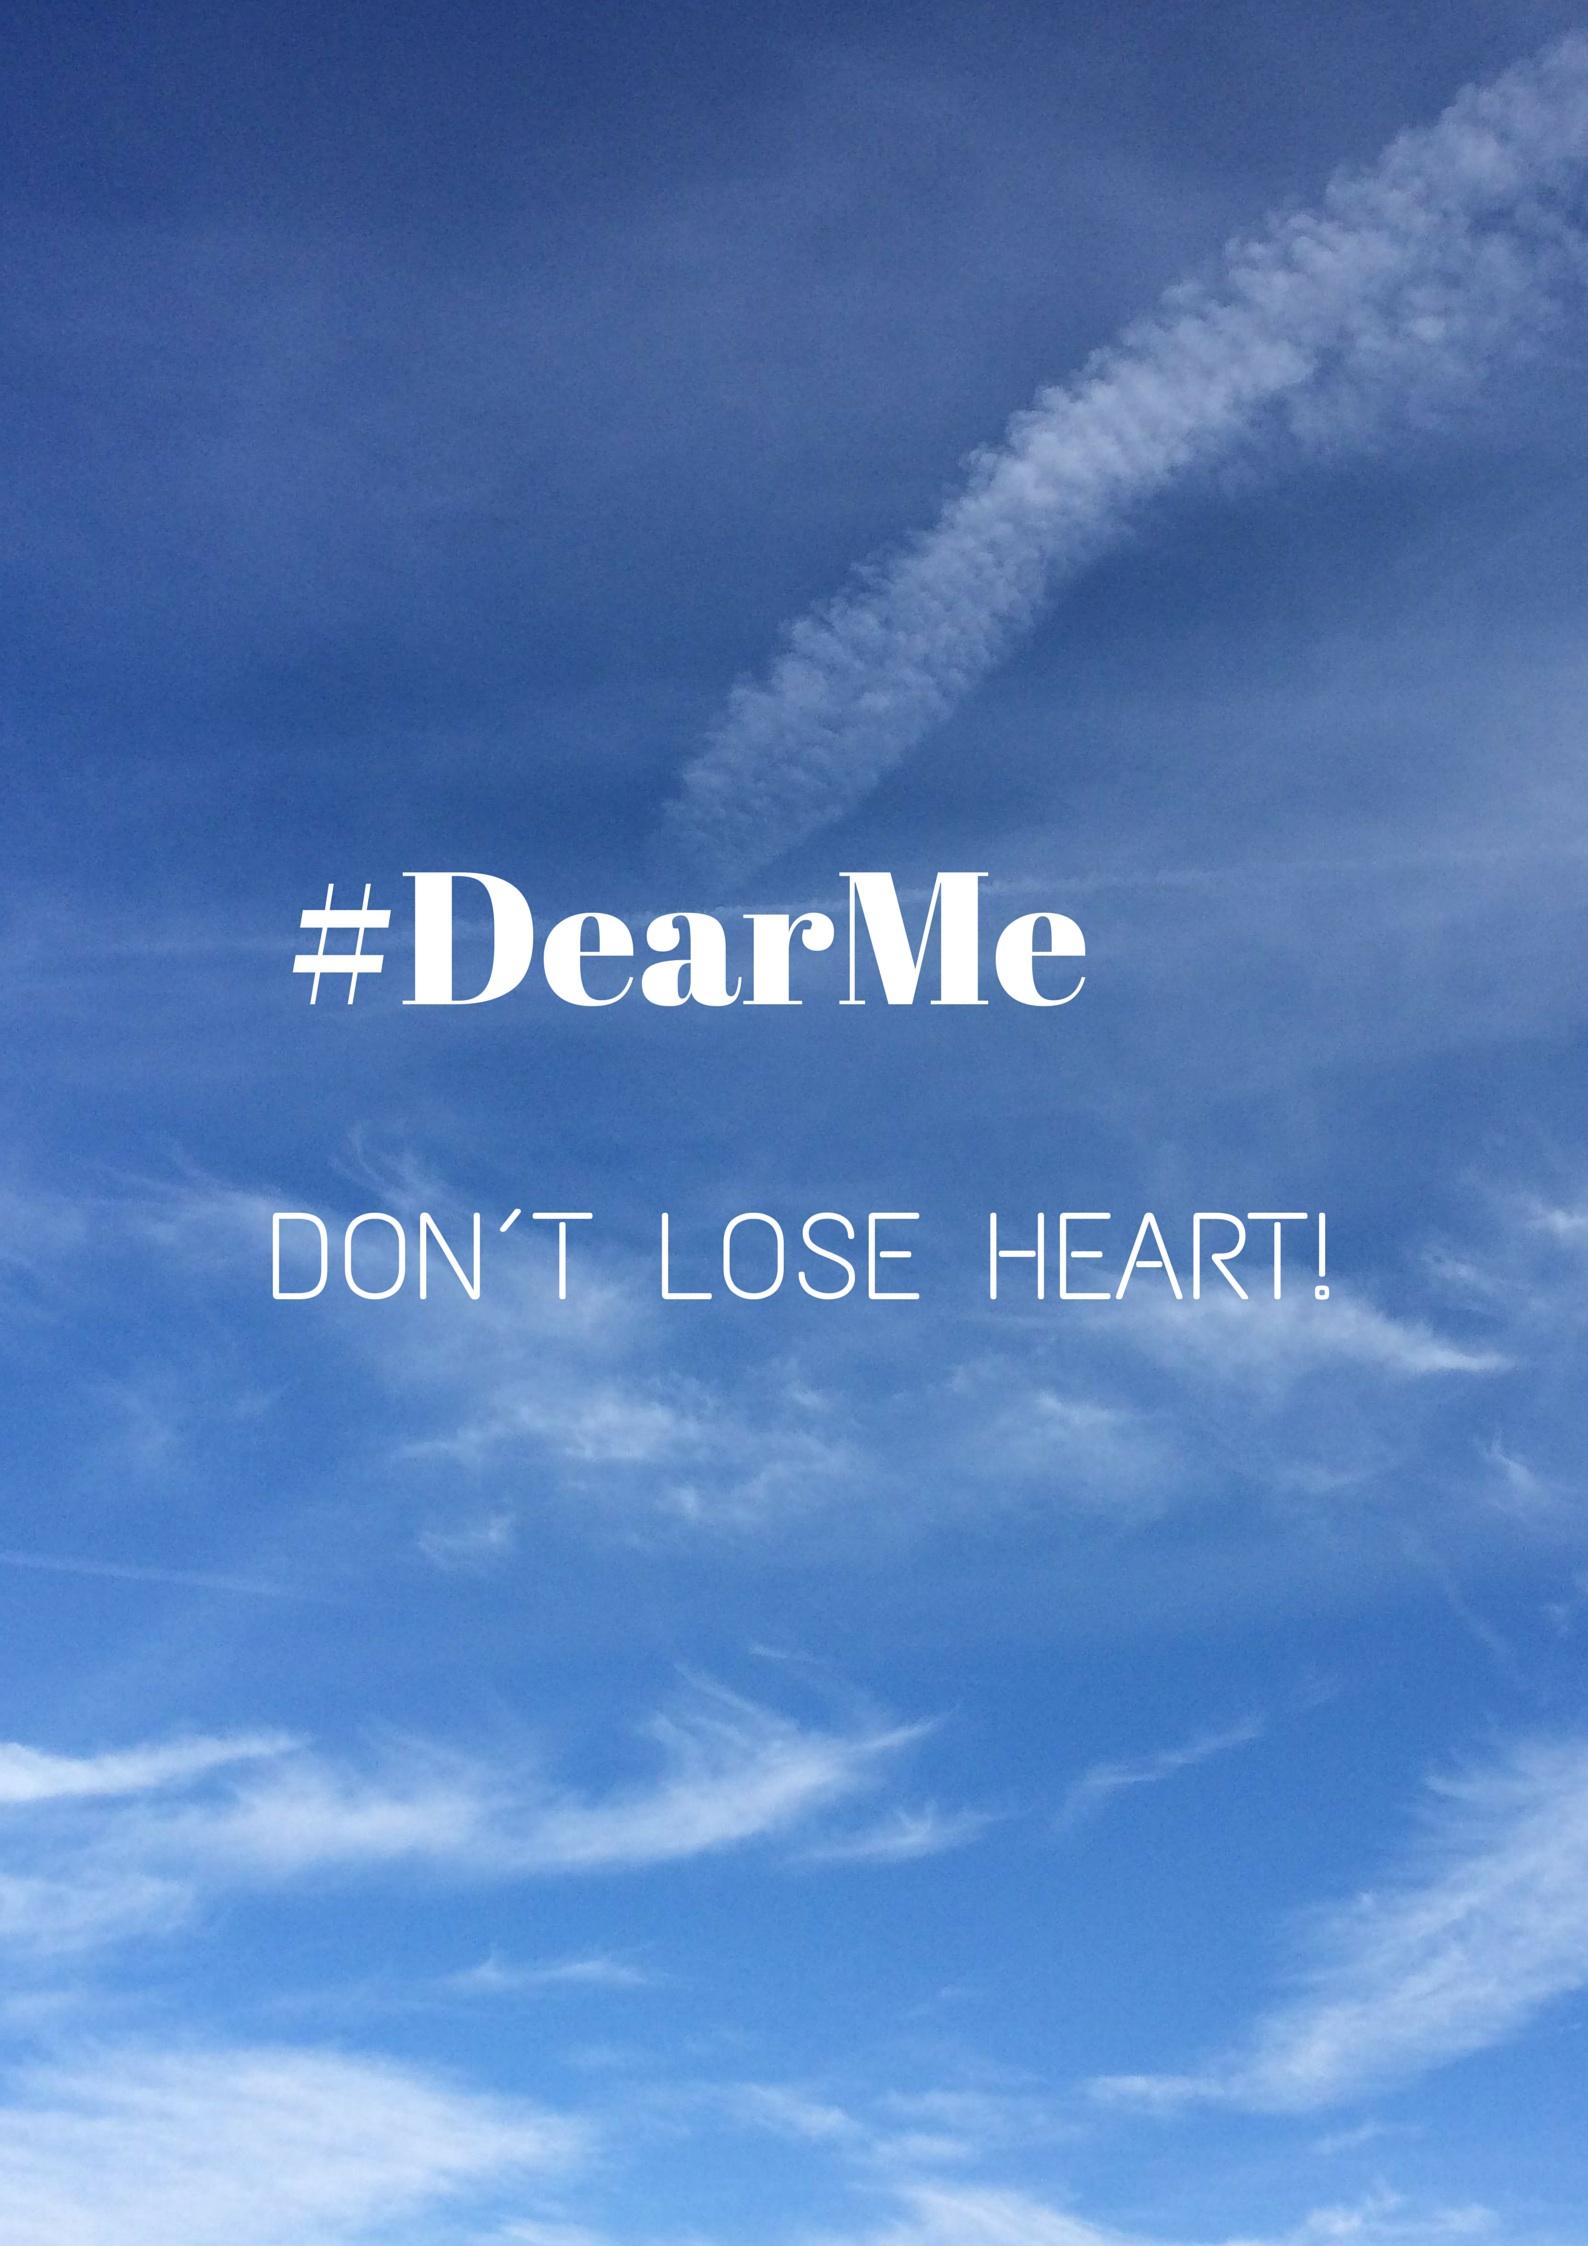 #Dear_Me-feingedacht